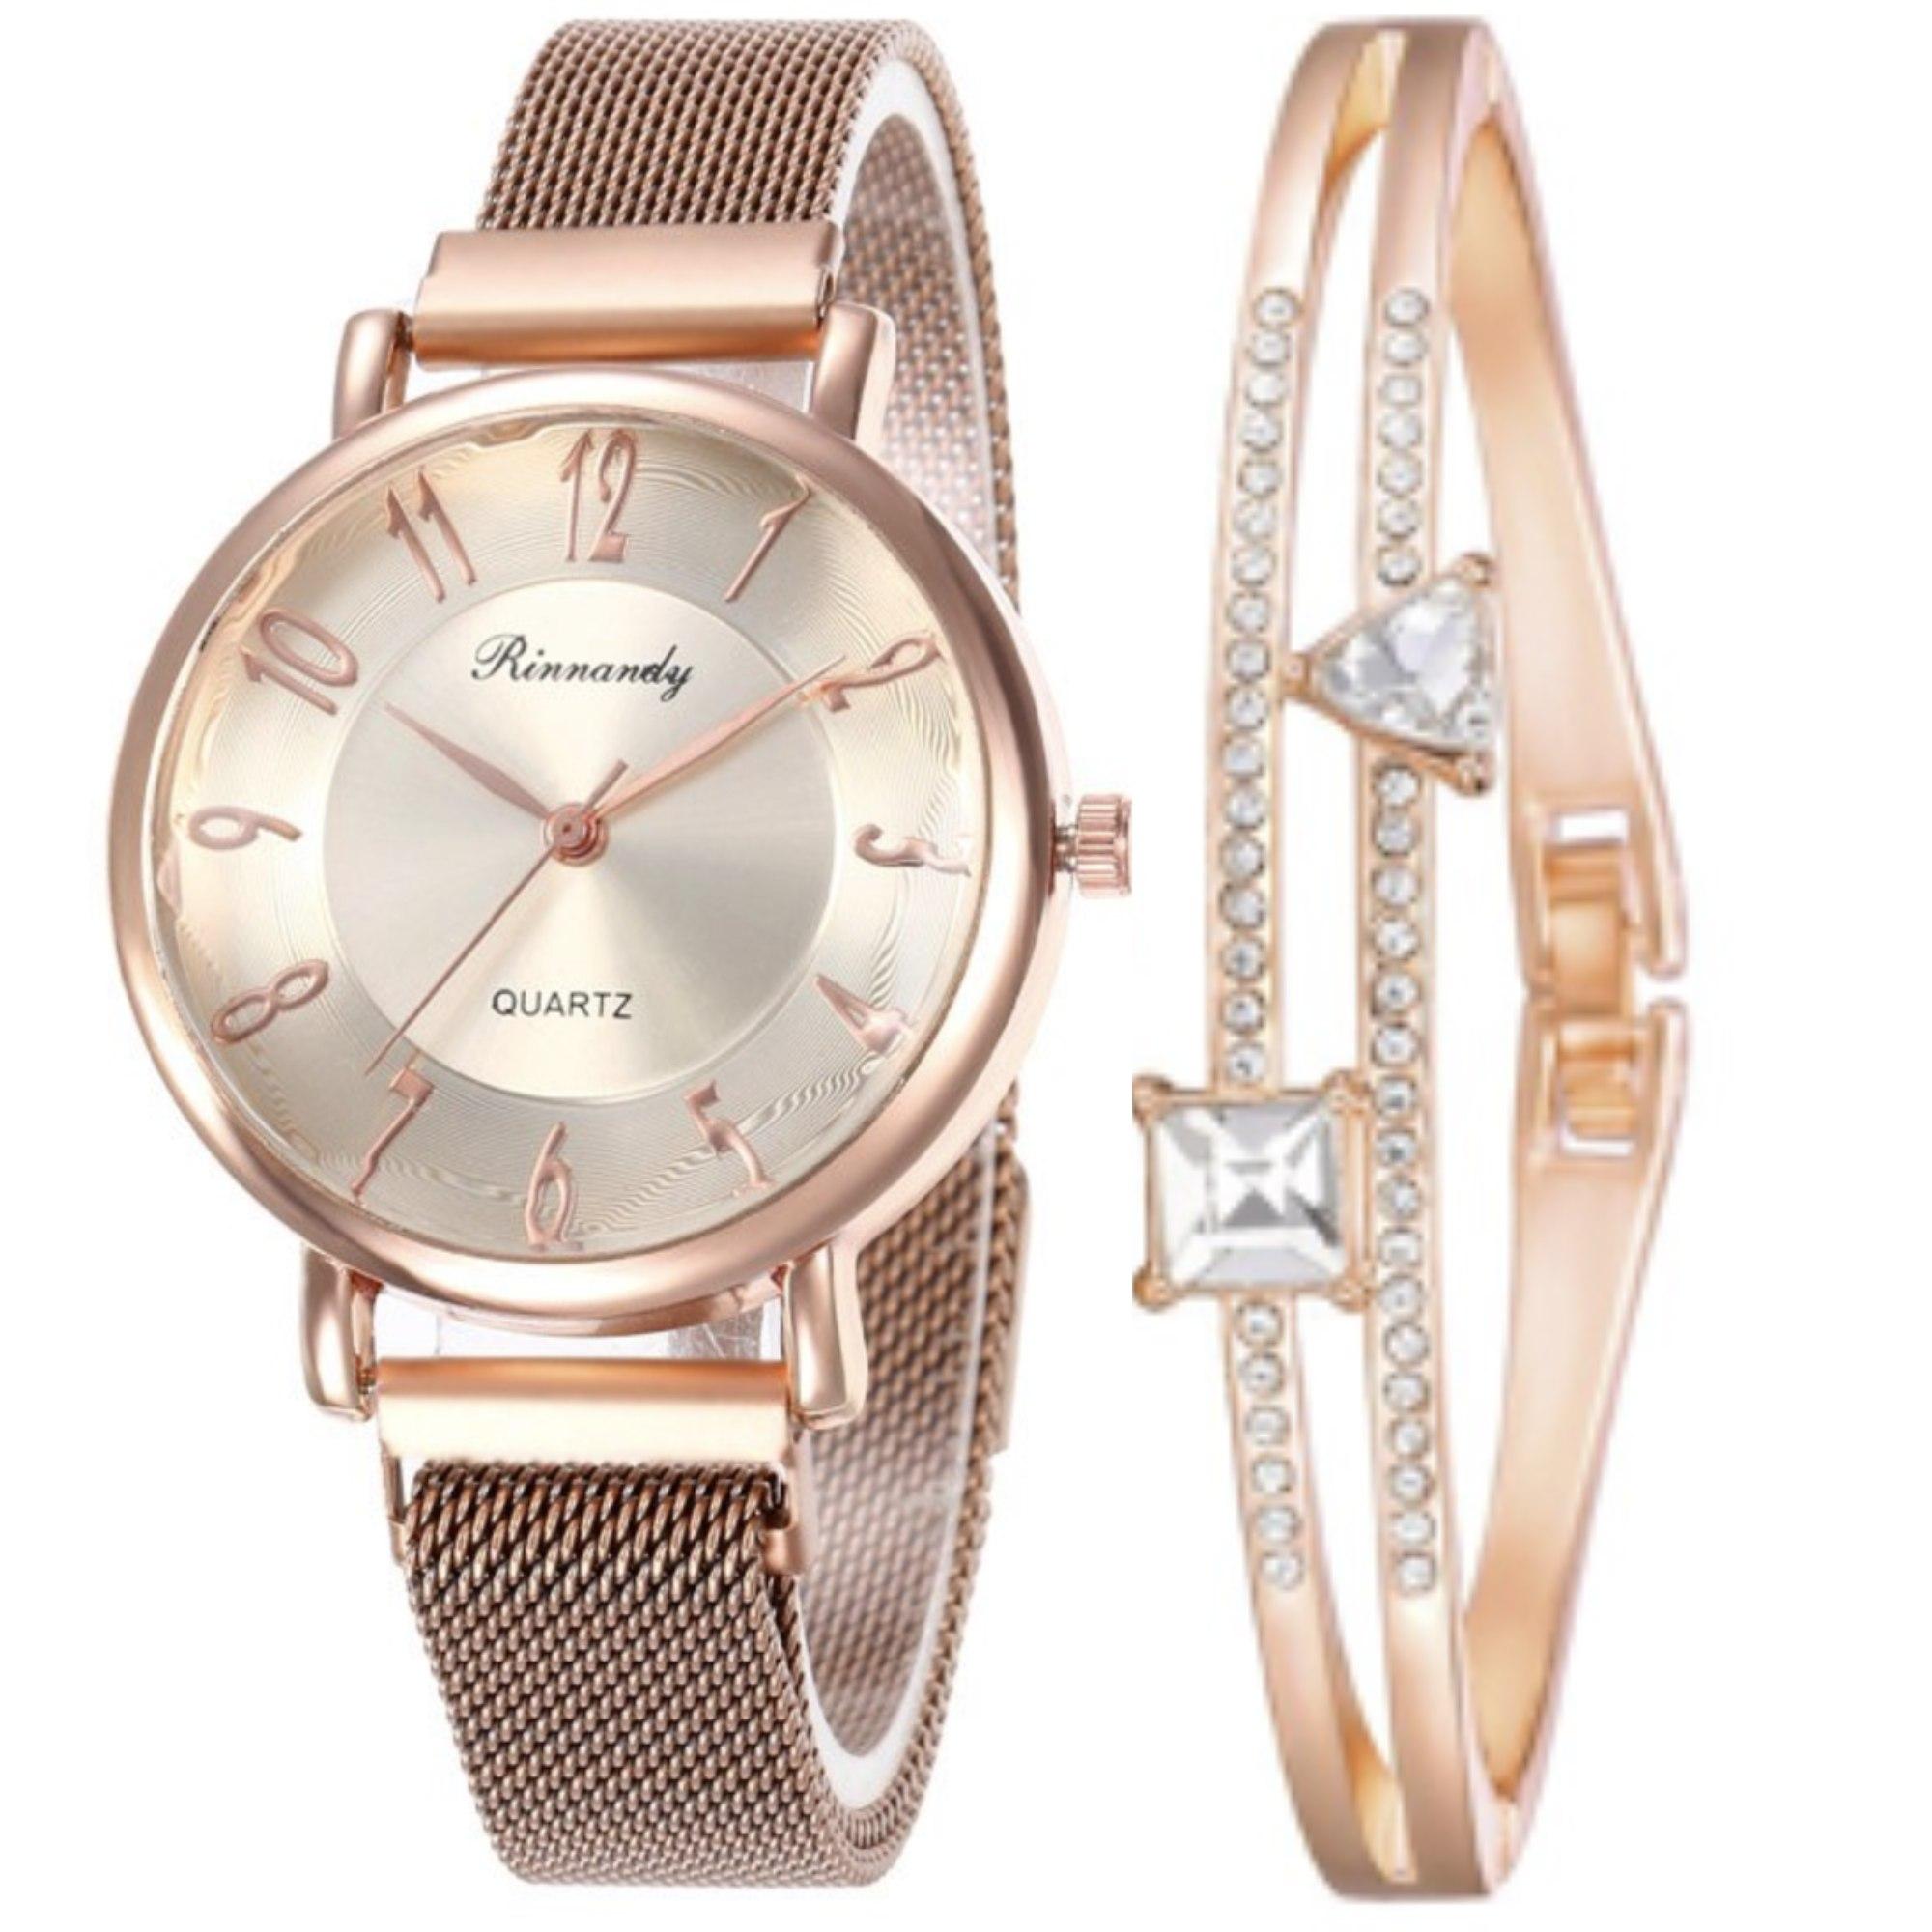 Kit com 1 Relógio Espanha + 1 Bracelete + Caixa Luxo